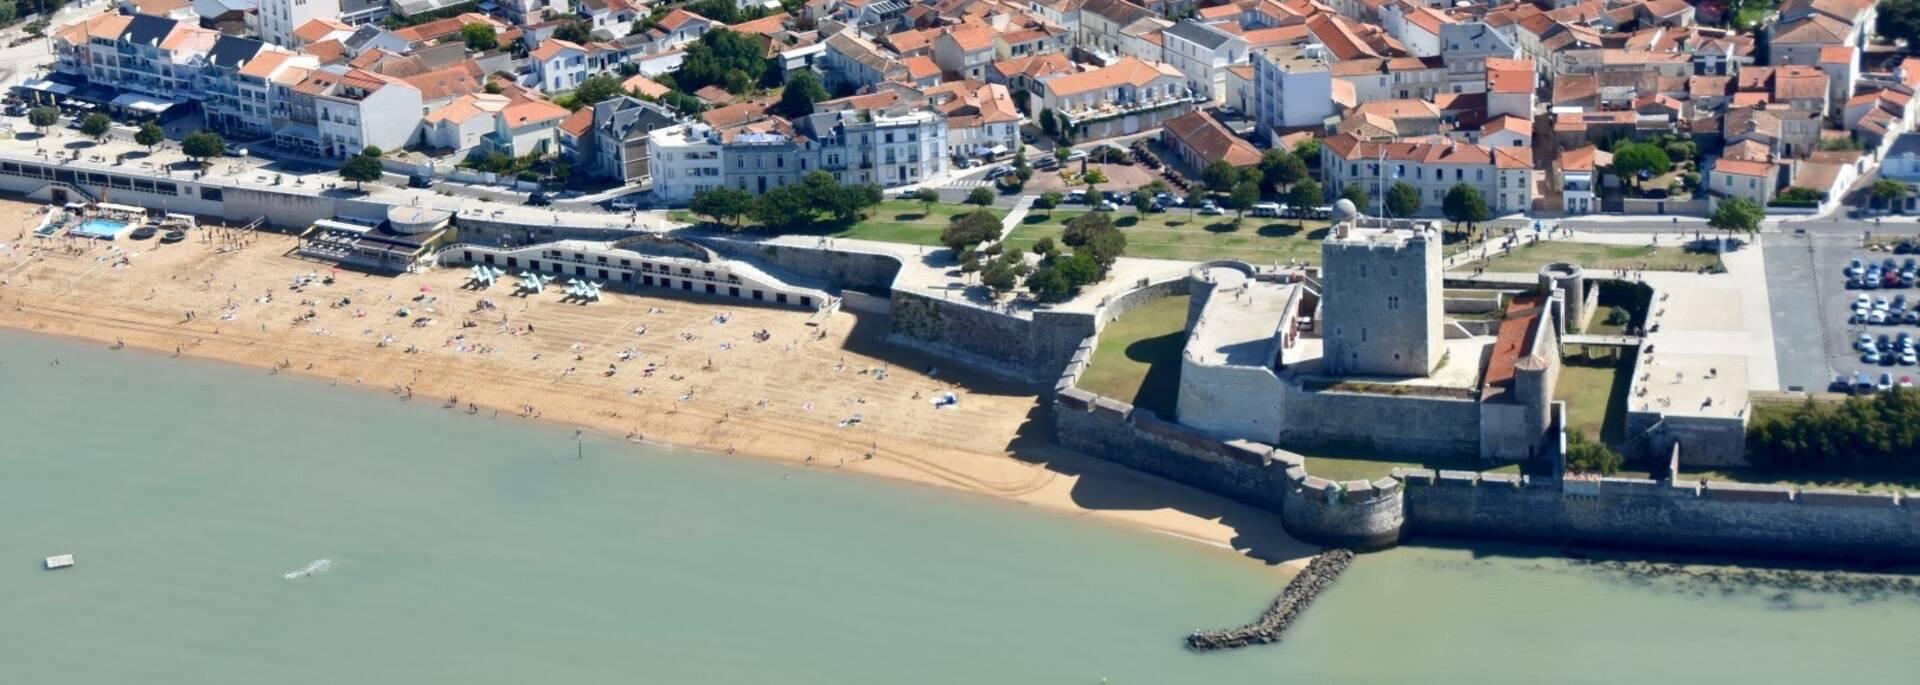 Vue aérienne du fort Vauban de Fouras-les-Bains - © Camping Charente-Maritime